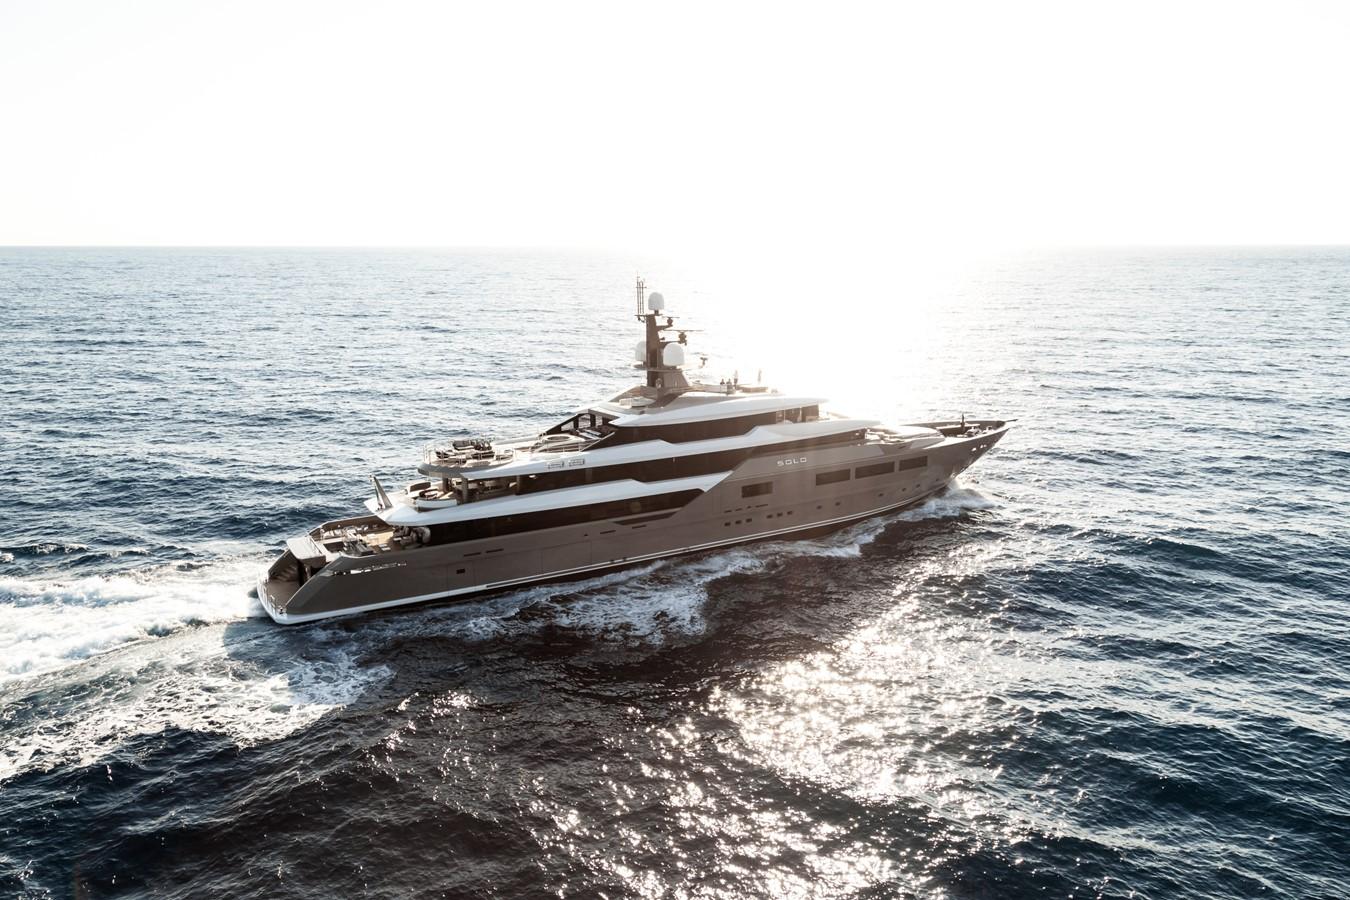 2018 TANKOA YACHTS S701 Mega Yacht 2502307